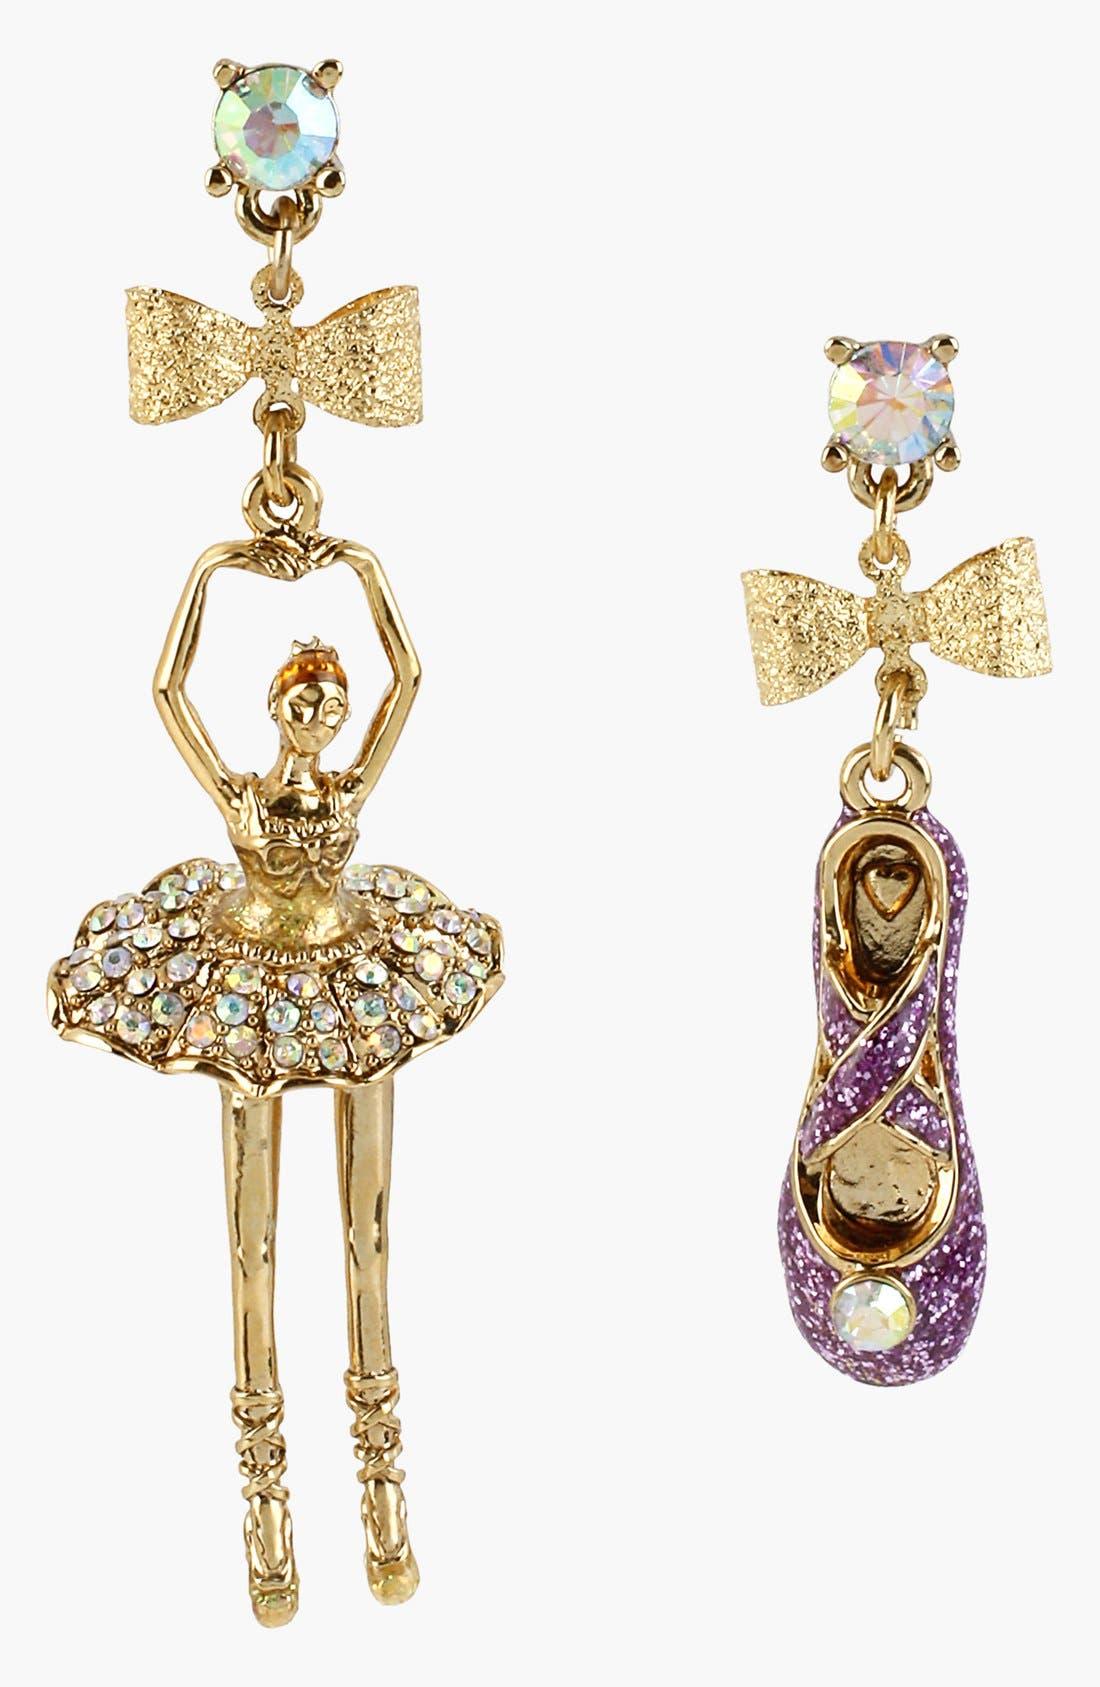 Main Image - Betsey Johnson 'Terrific Tutus' Ballerina & Slipper Earrings